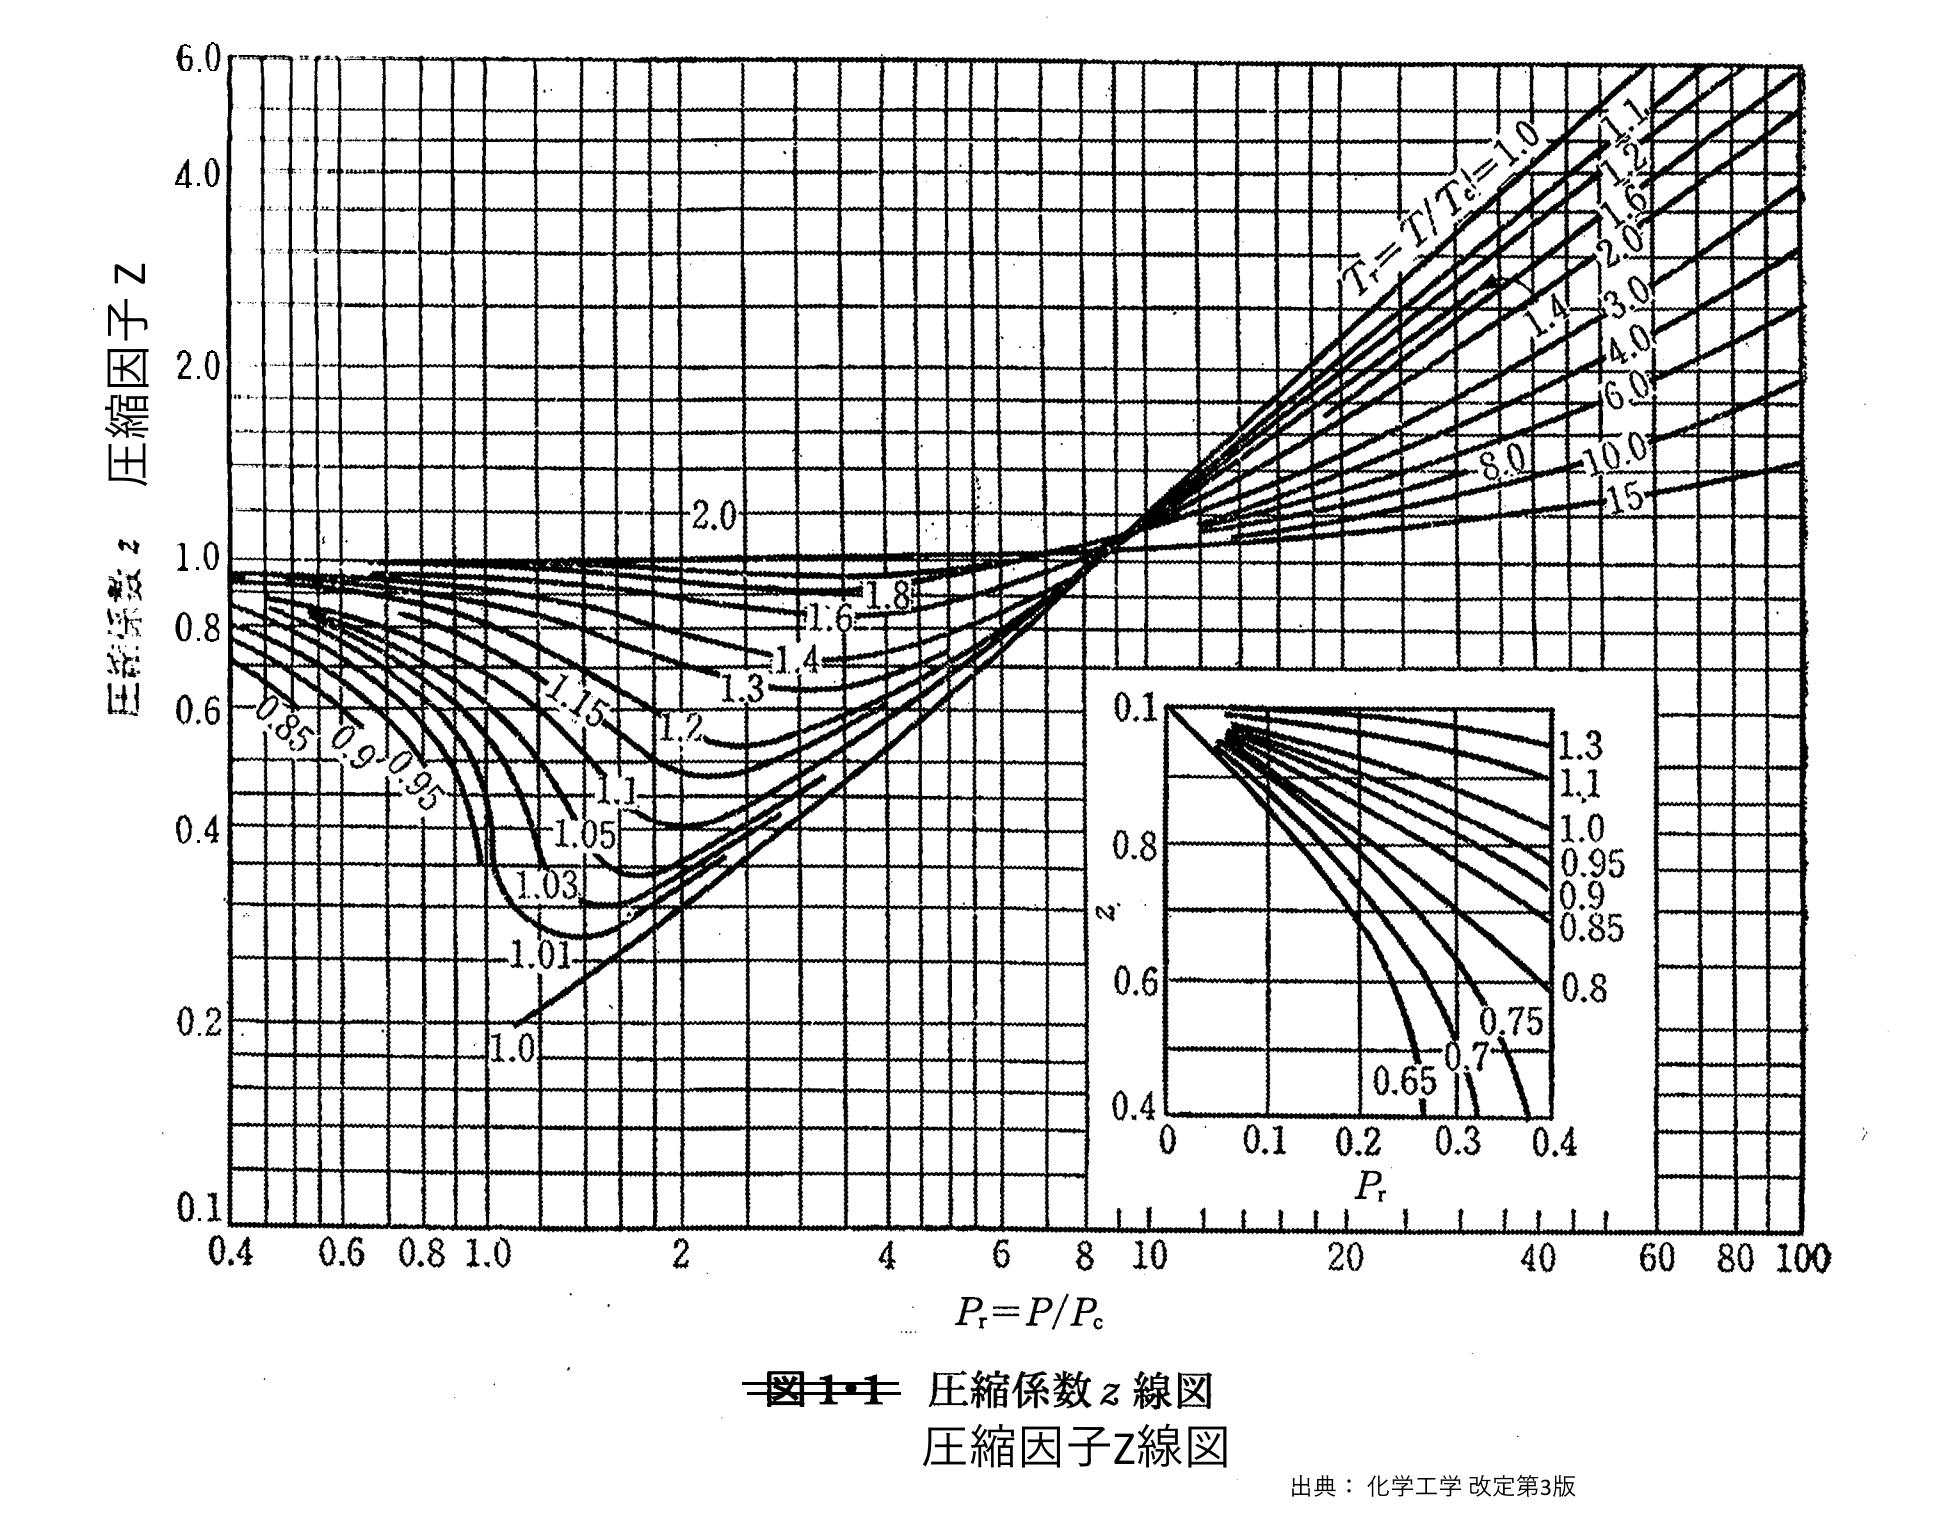 気体の状態方程式 | monozukuri-hitozukuri | 日本のものづくり